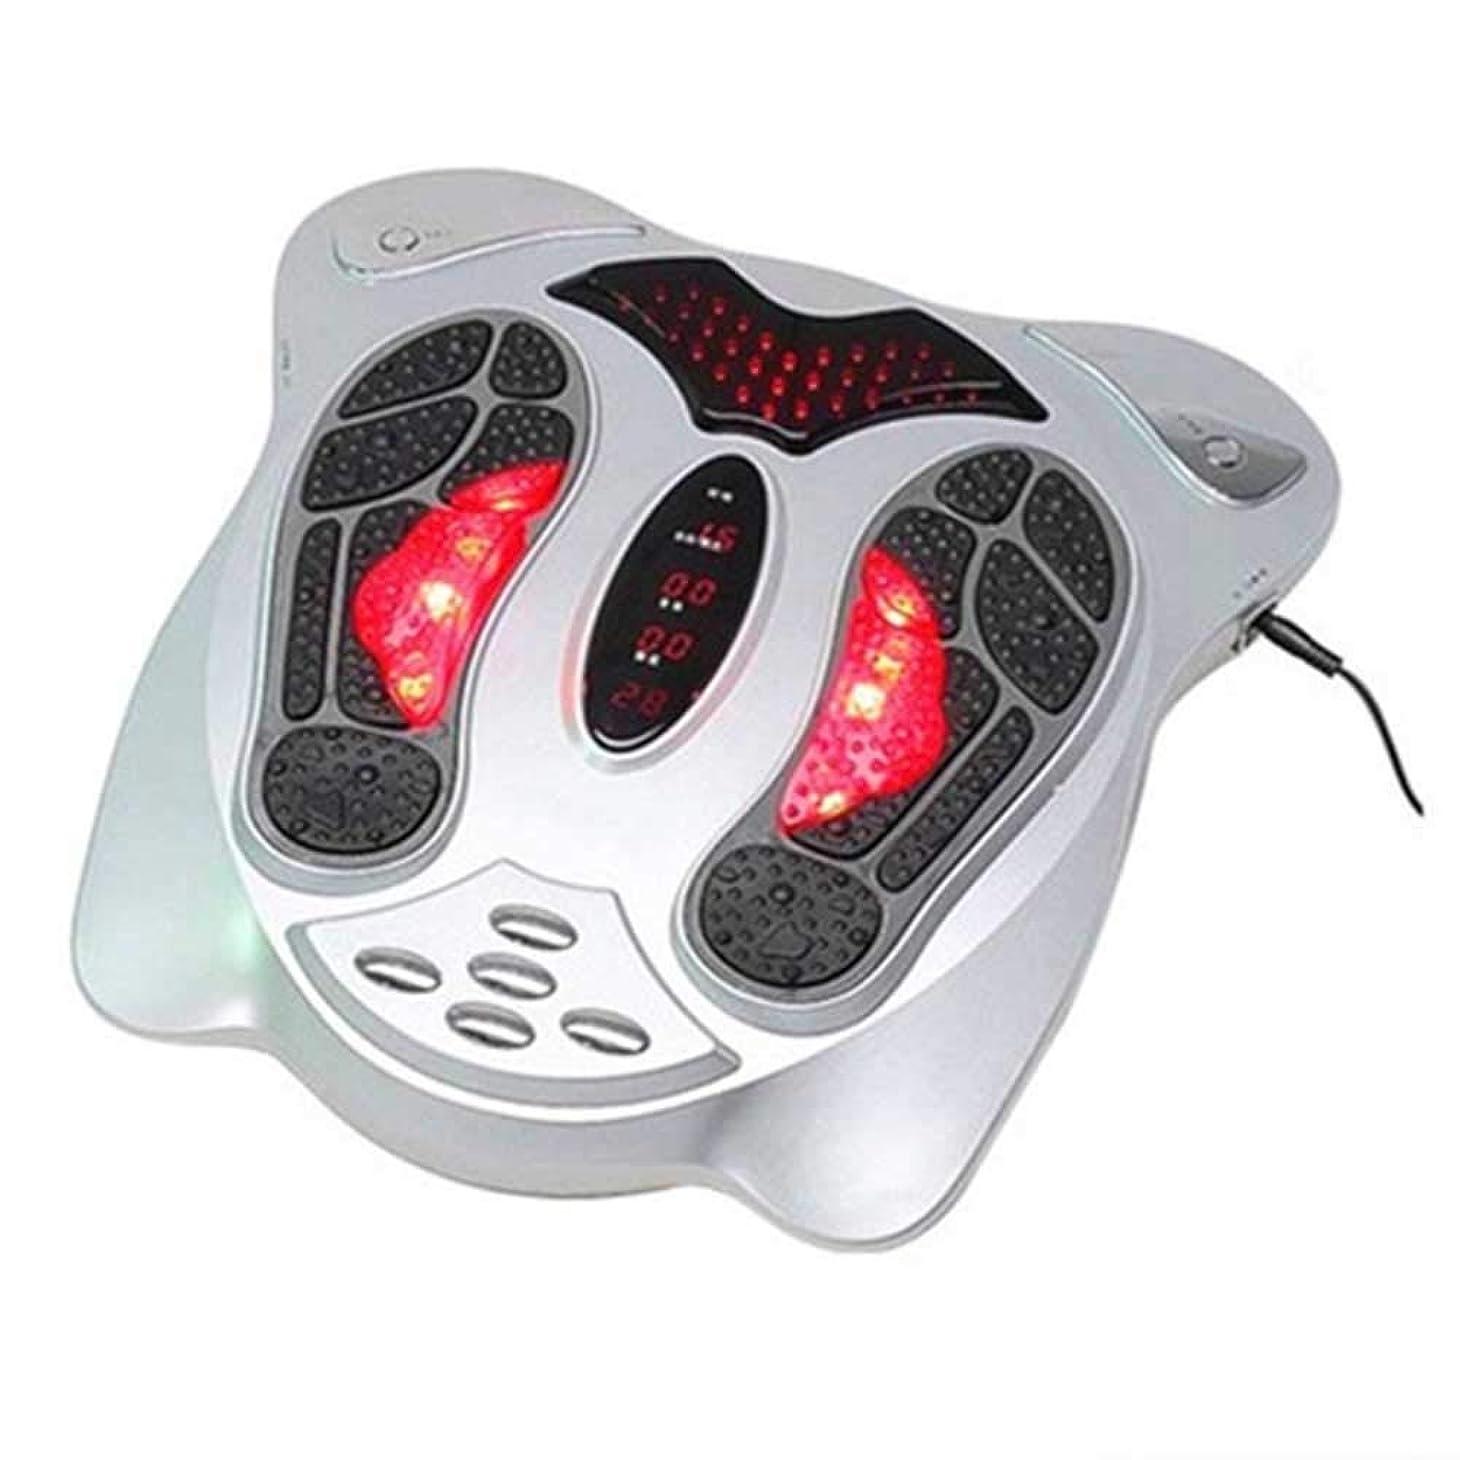 ウィスキー誘惑患者足のマッサージャーの電気足の低頻度の脈拍の針療法のマッサージャーの低頻度の健康療法の器械, Silver